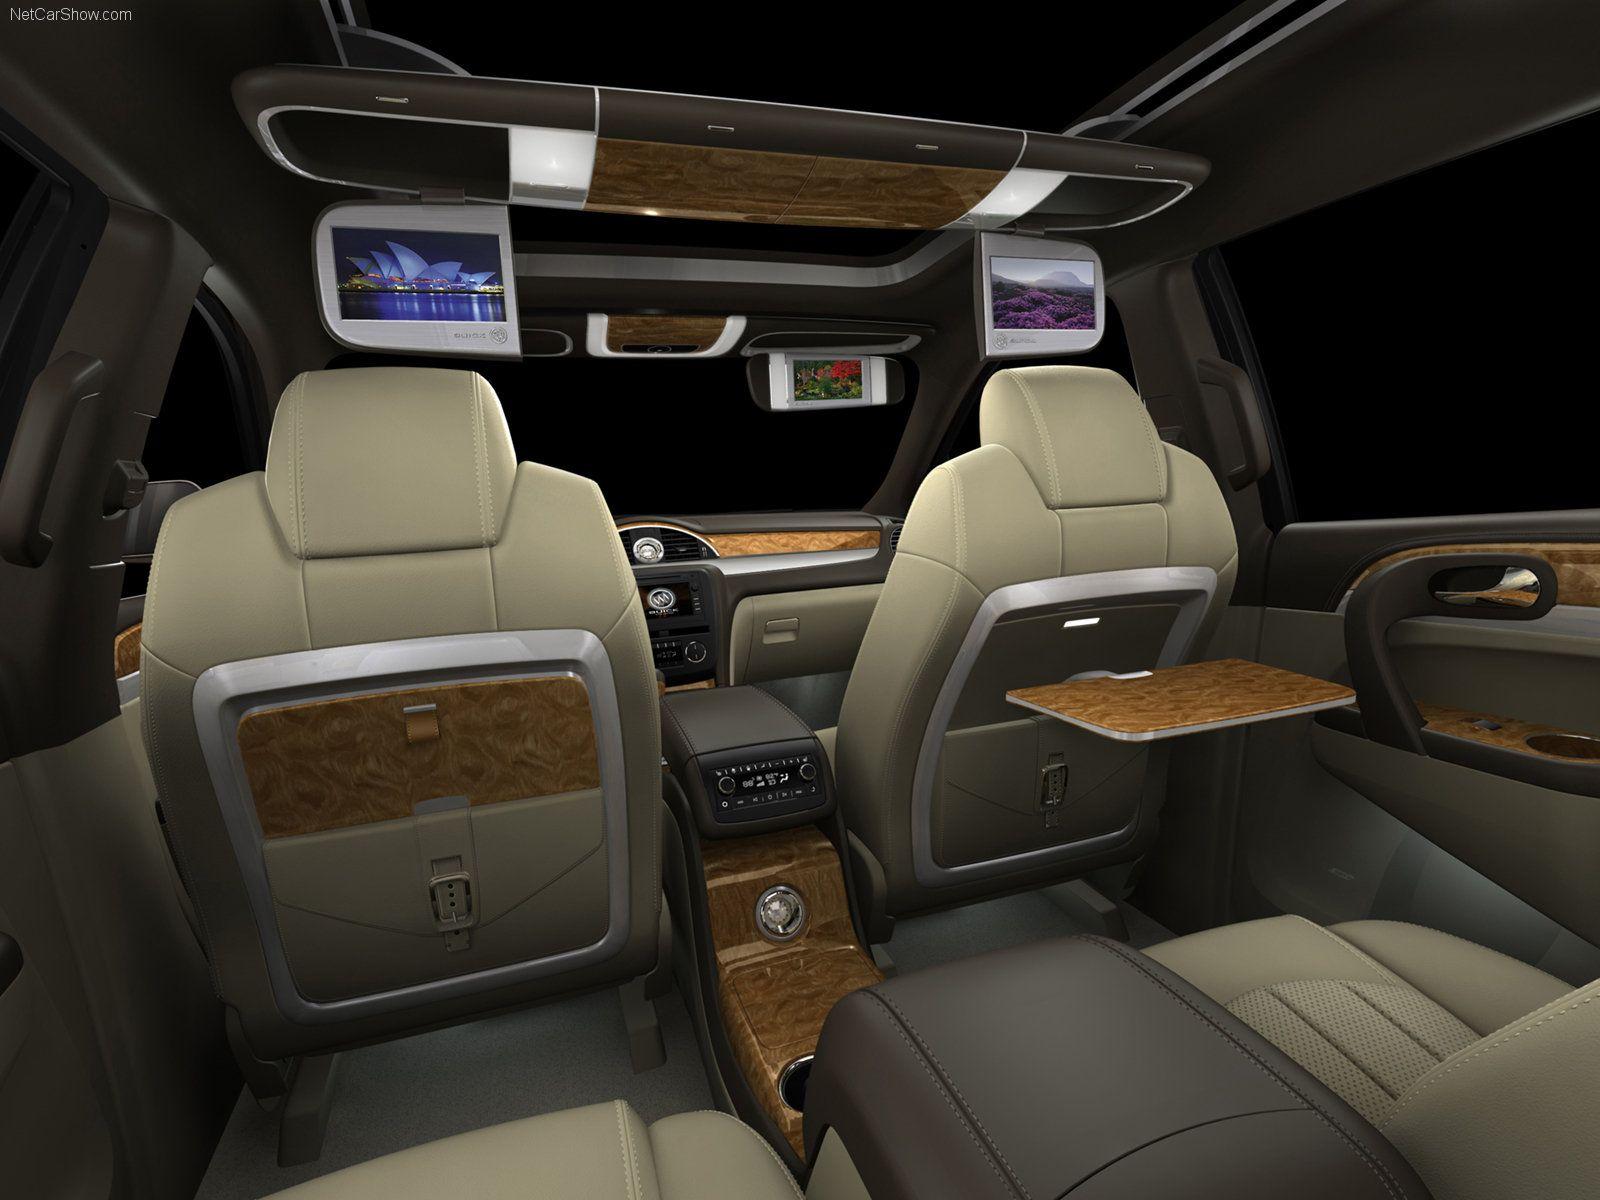 Buick Enclave Interior >> 2012 Buick Enclave Interior Dicknorris Com Buick Enclave